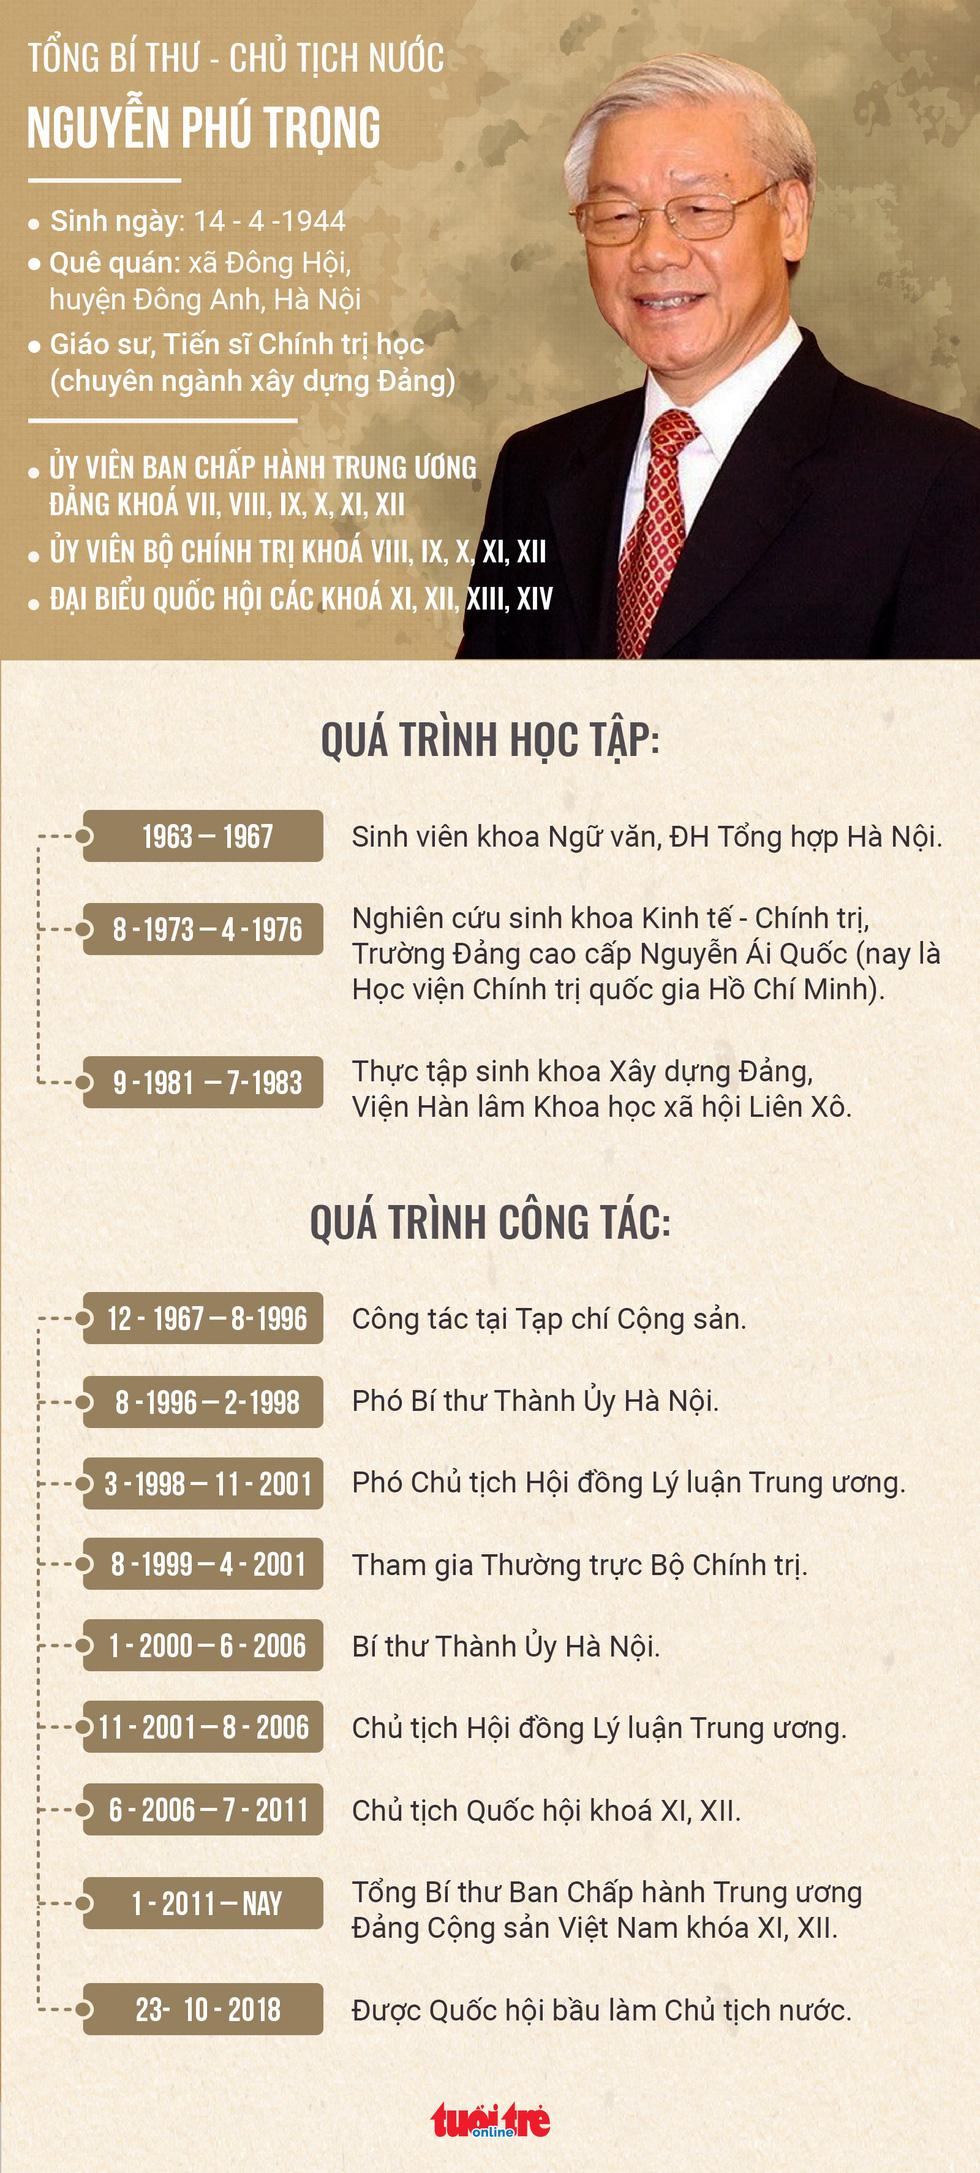 Tân Chủ tịch nước Nguyễn Phú Trọng: Vừa mừng vừa lo - Ảnh 7.